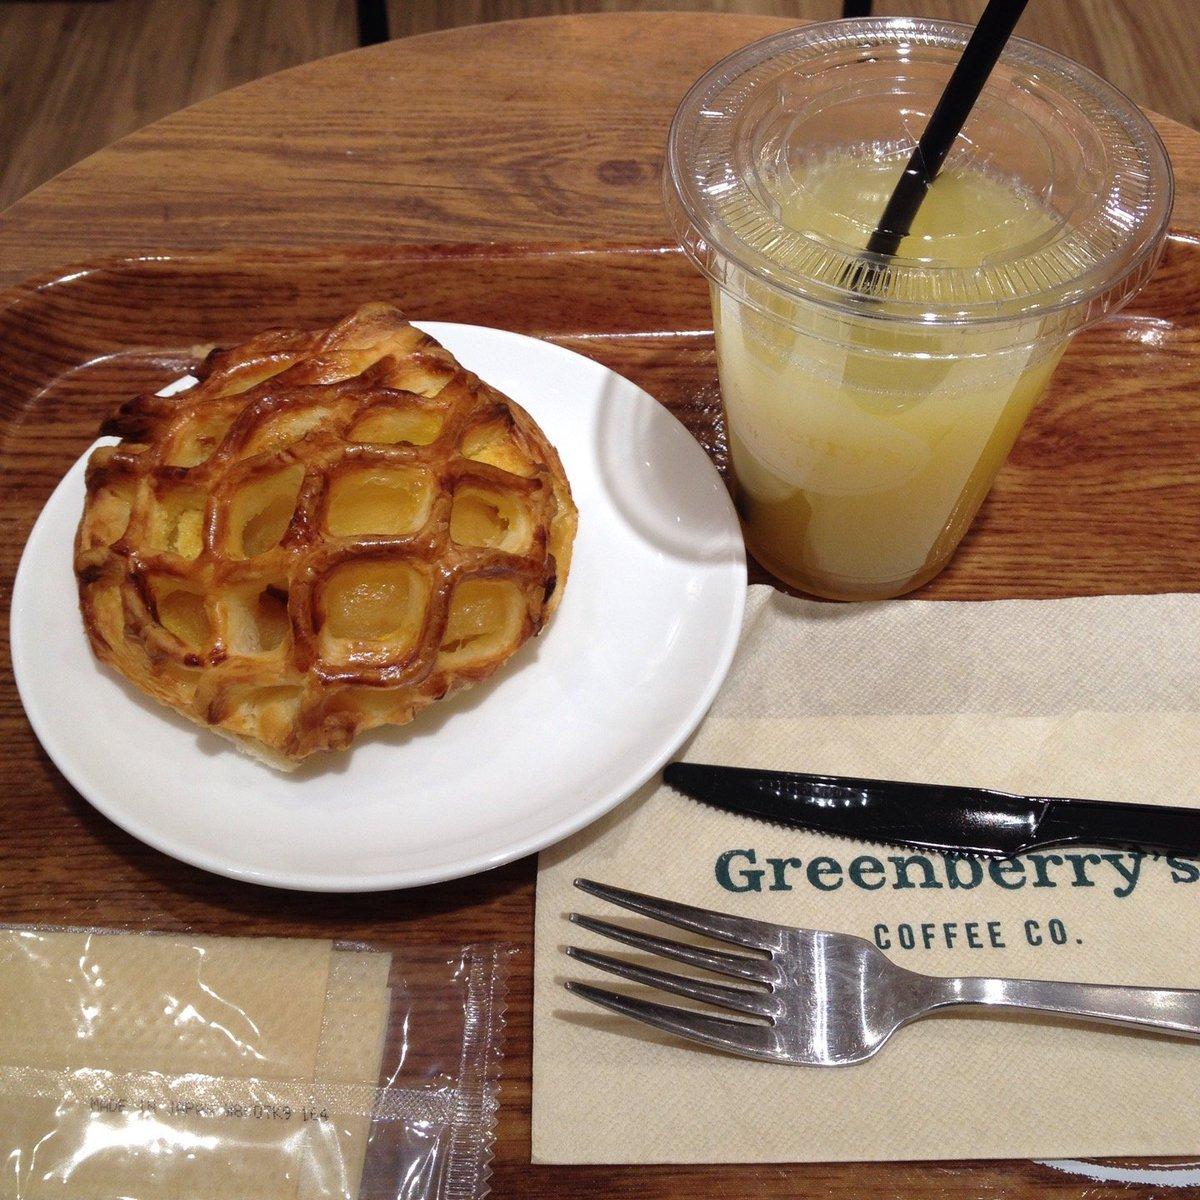 グリーンベリーズコーヒー アップルパイ&りんごジュース